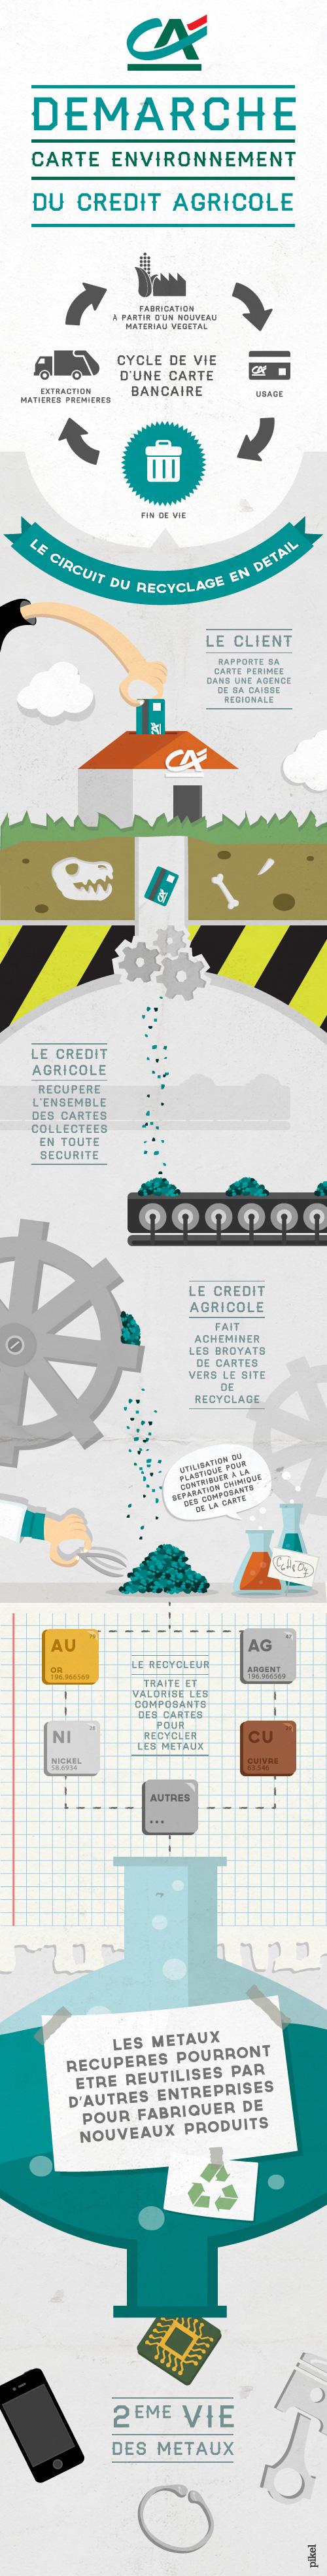 La Demarche Carte Environnement Du Credit Agricole Carnet De